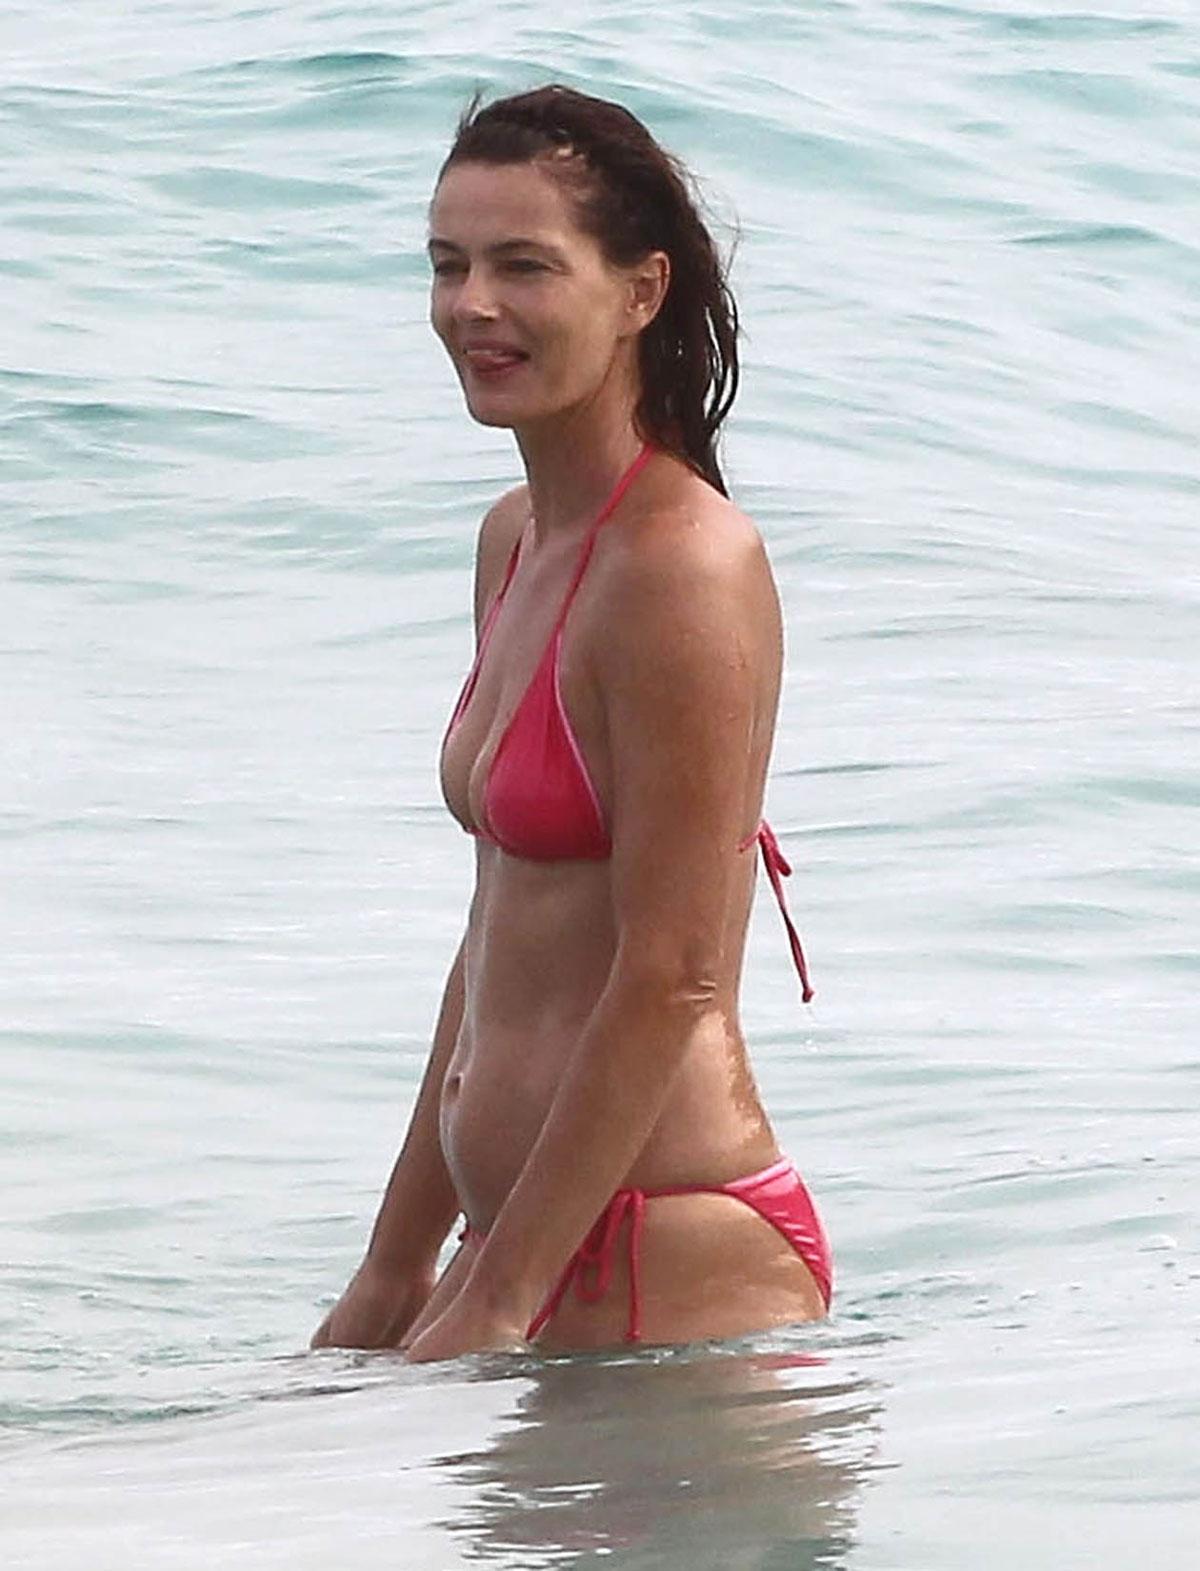 Bikini Paulina Porizkova nudes (64 photos), Ass, Sideboobs, Twitter, swimsuit 2015